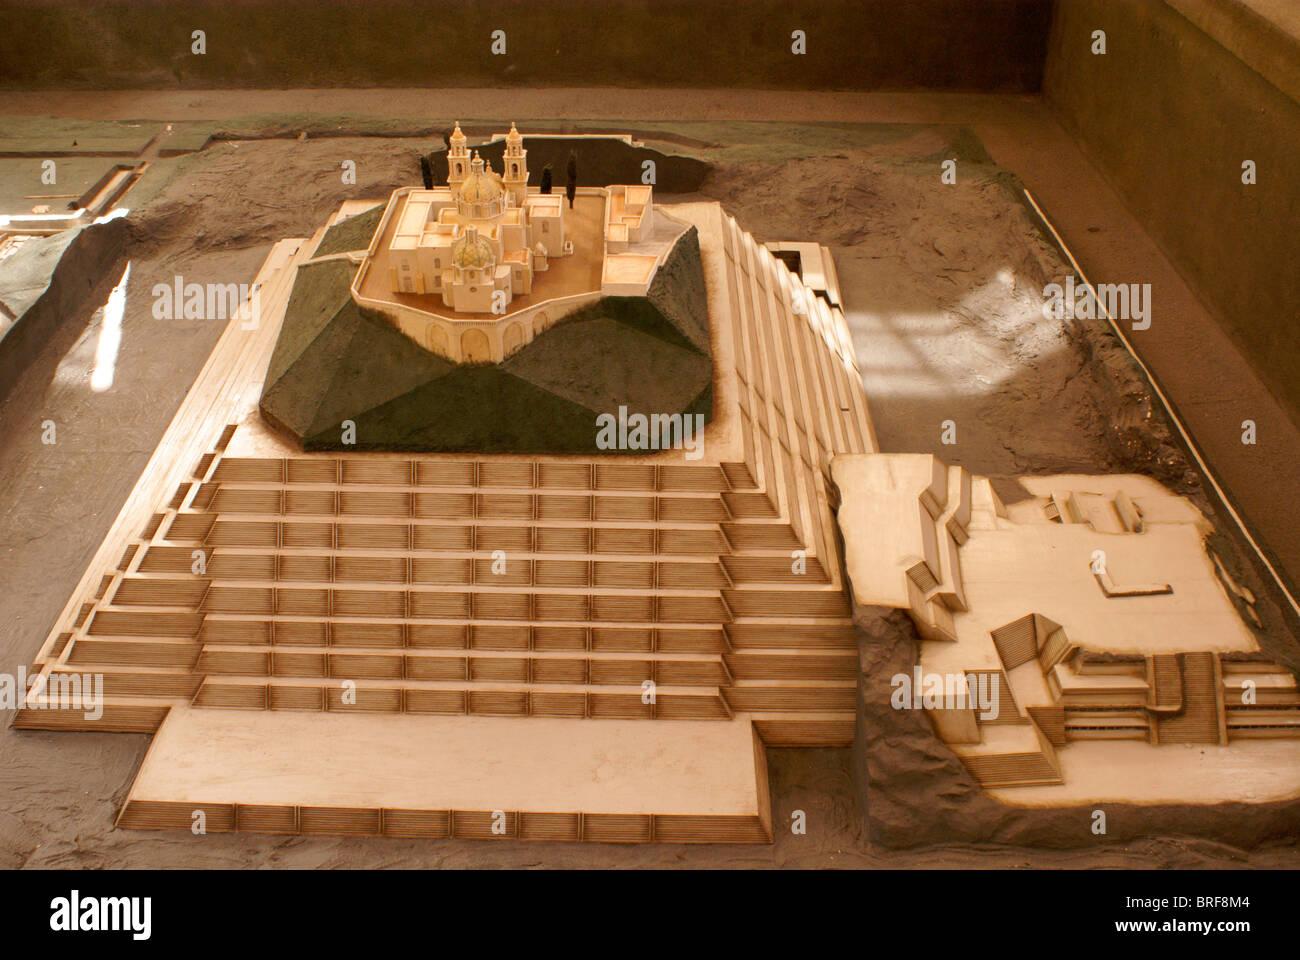 Model of Tepanapa Pyramid and Santuario de Nuestra Senora de los Remedios church in the archaeological site museum - Stock Image